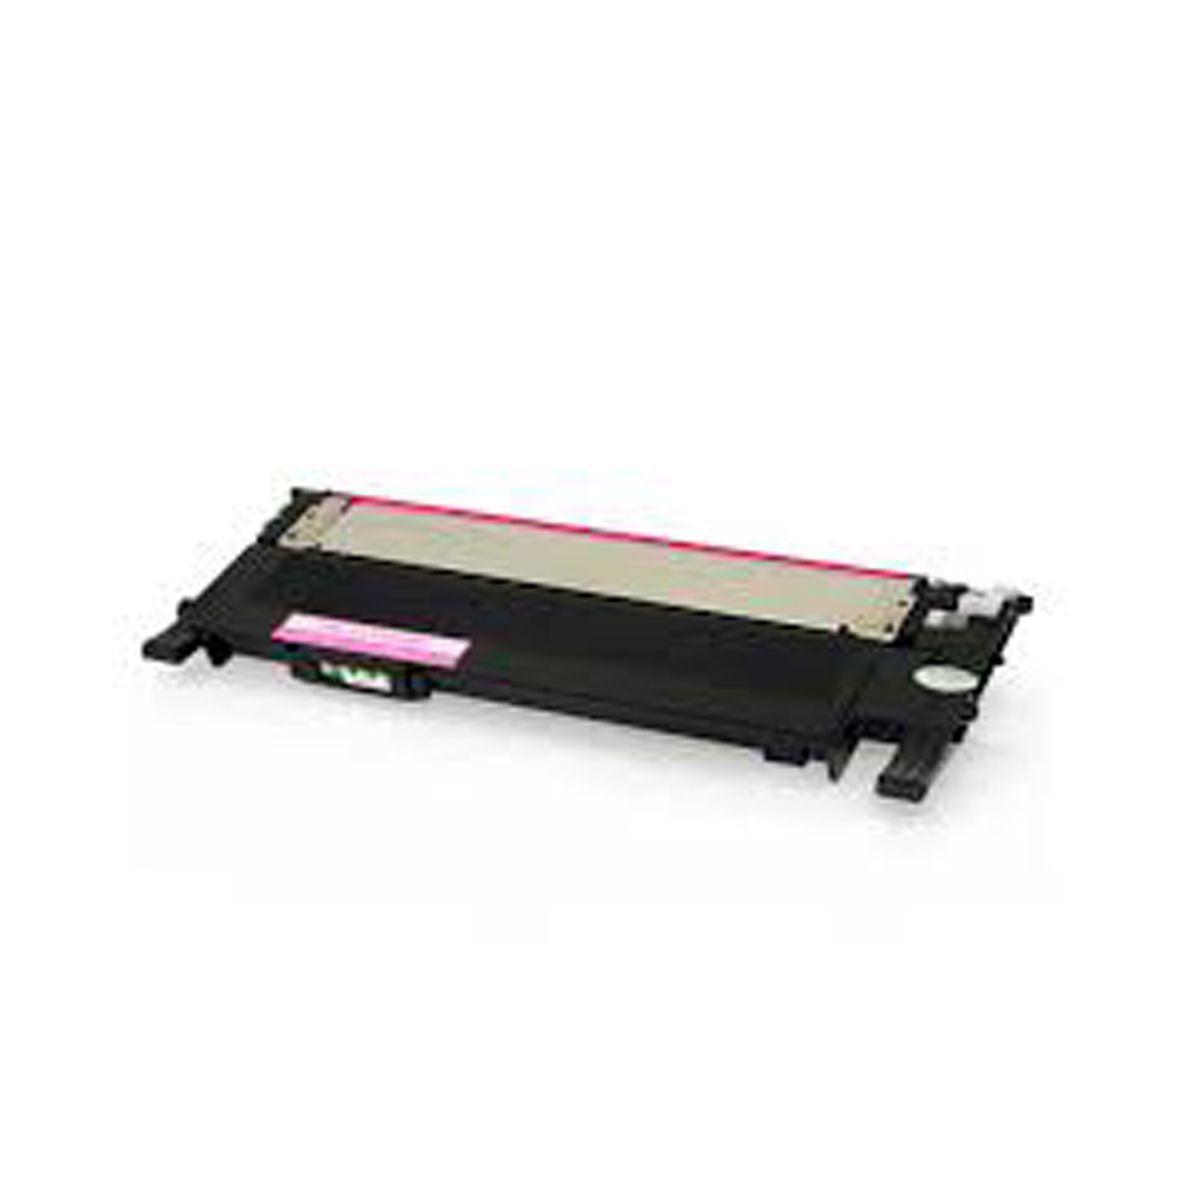 Toner Samsung CLT M406S Magenta - CLP360 CLP365 C460W